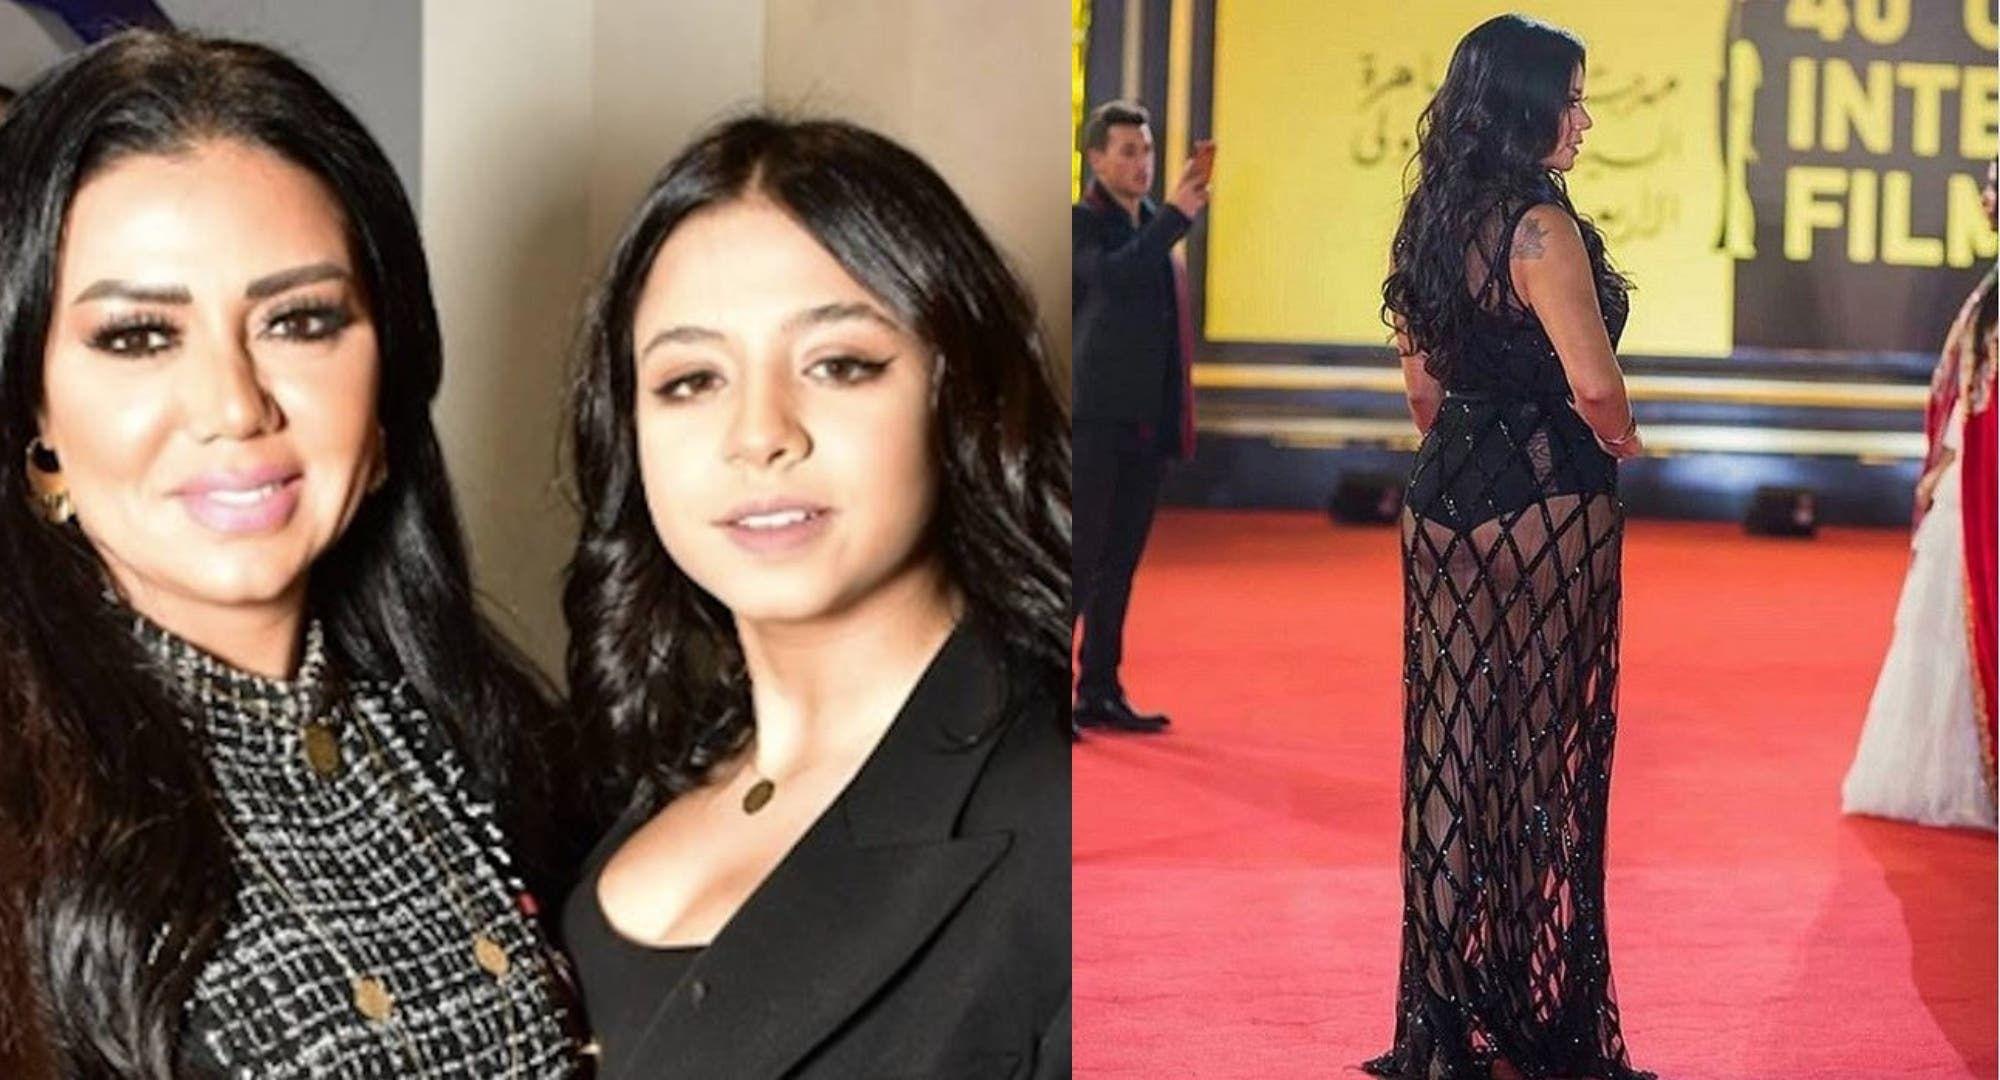 رانيا يوسف تحضر إبنتها إلى مهرجان الجونة السينمائي والأخيرة ترتدي فستان والدتها الشهير بتاع البطانة